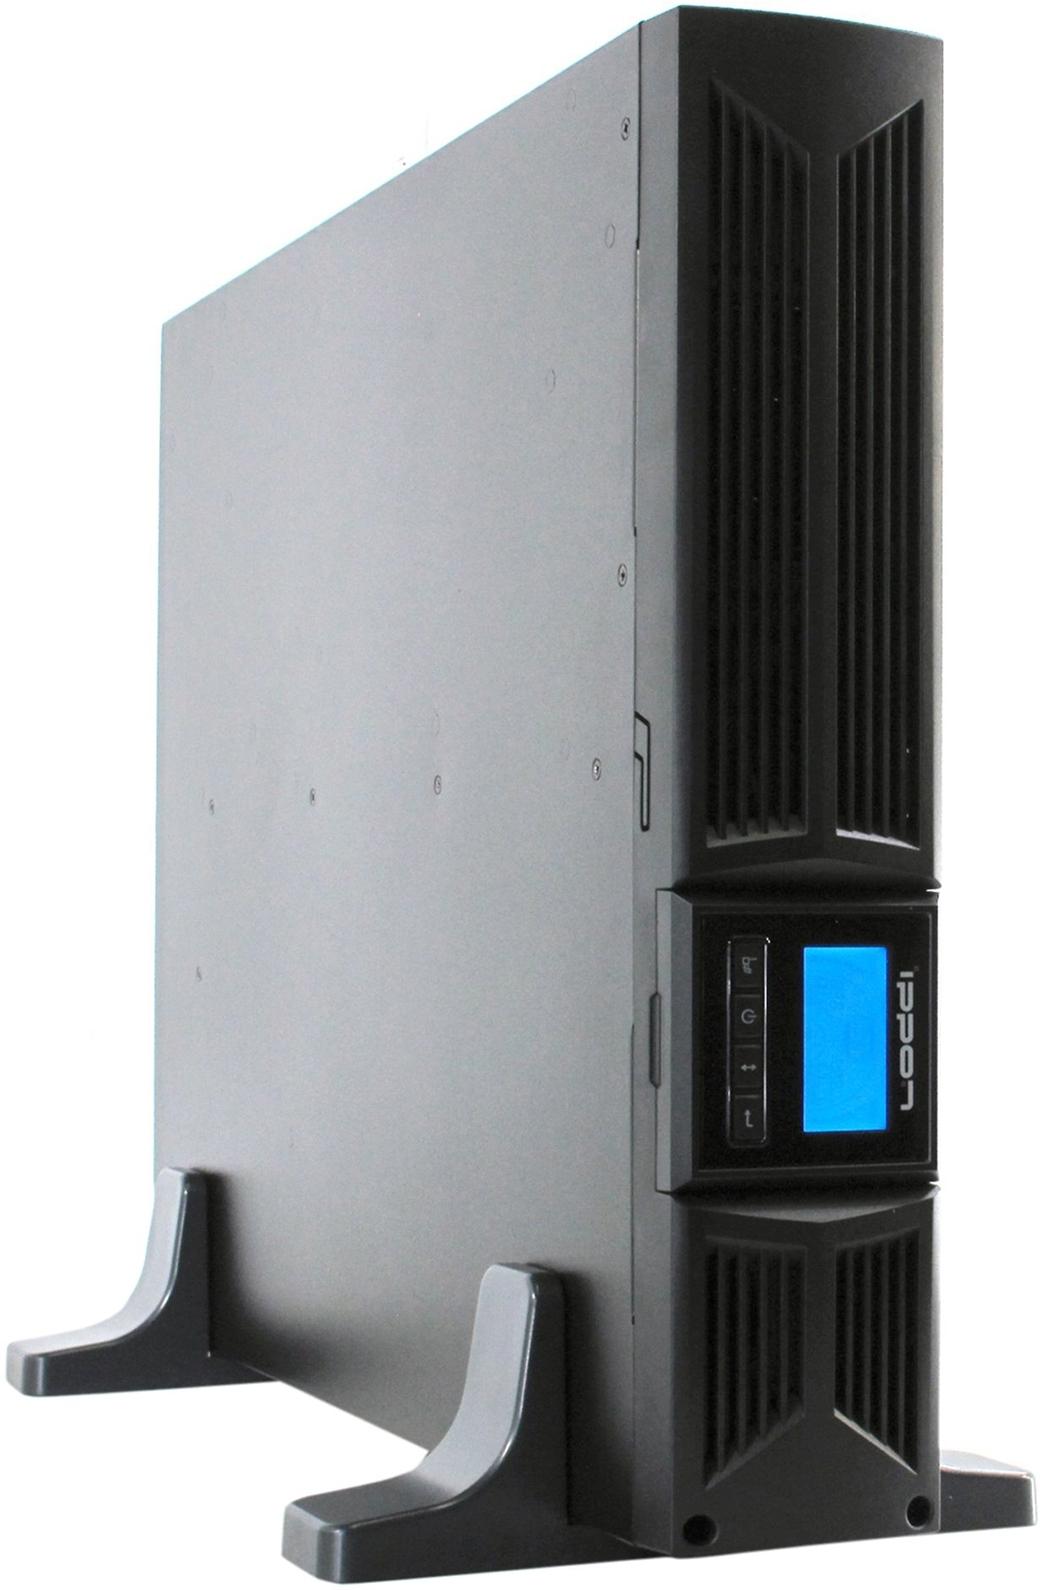 Батарея для ИБП Ippon Innova RT 3K 2U для Innova RT 3K9000-2025-00PФункция автоматической регулировки напряжения позволяет пользователям продолжать работу без перехода на питание от аккумулятора в условиях нестабильной электросети.